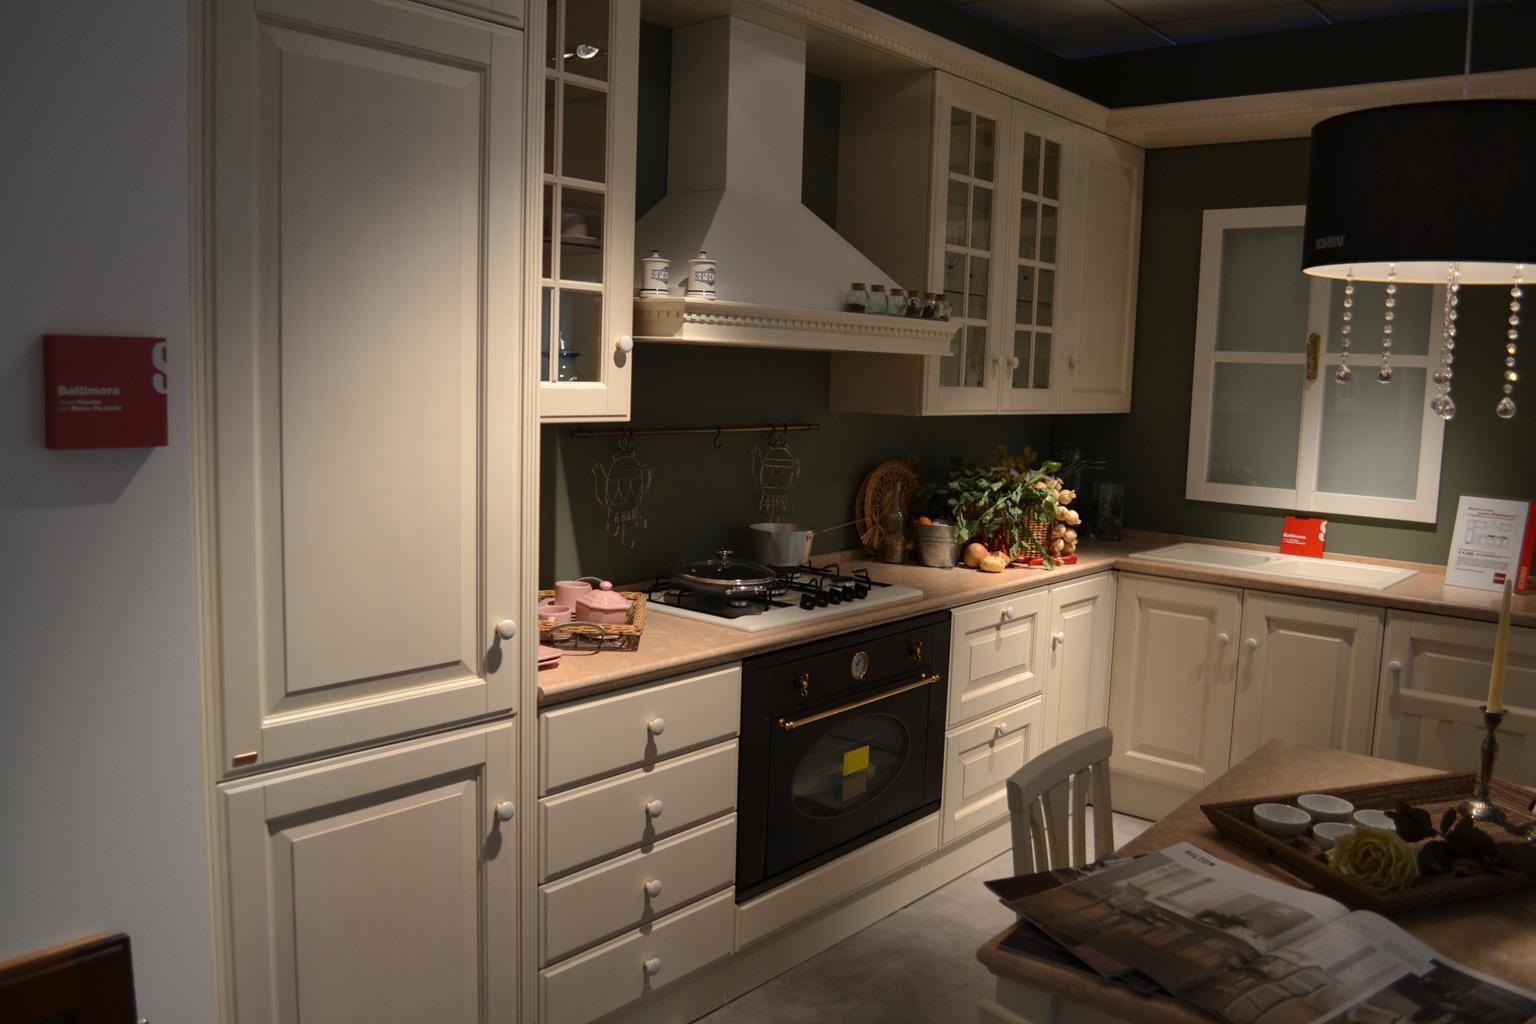 Cucine Scavolini Baltimora Prezzi : Cucina scavolini baltimora frassino bianco scontato del